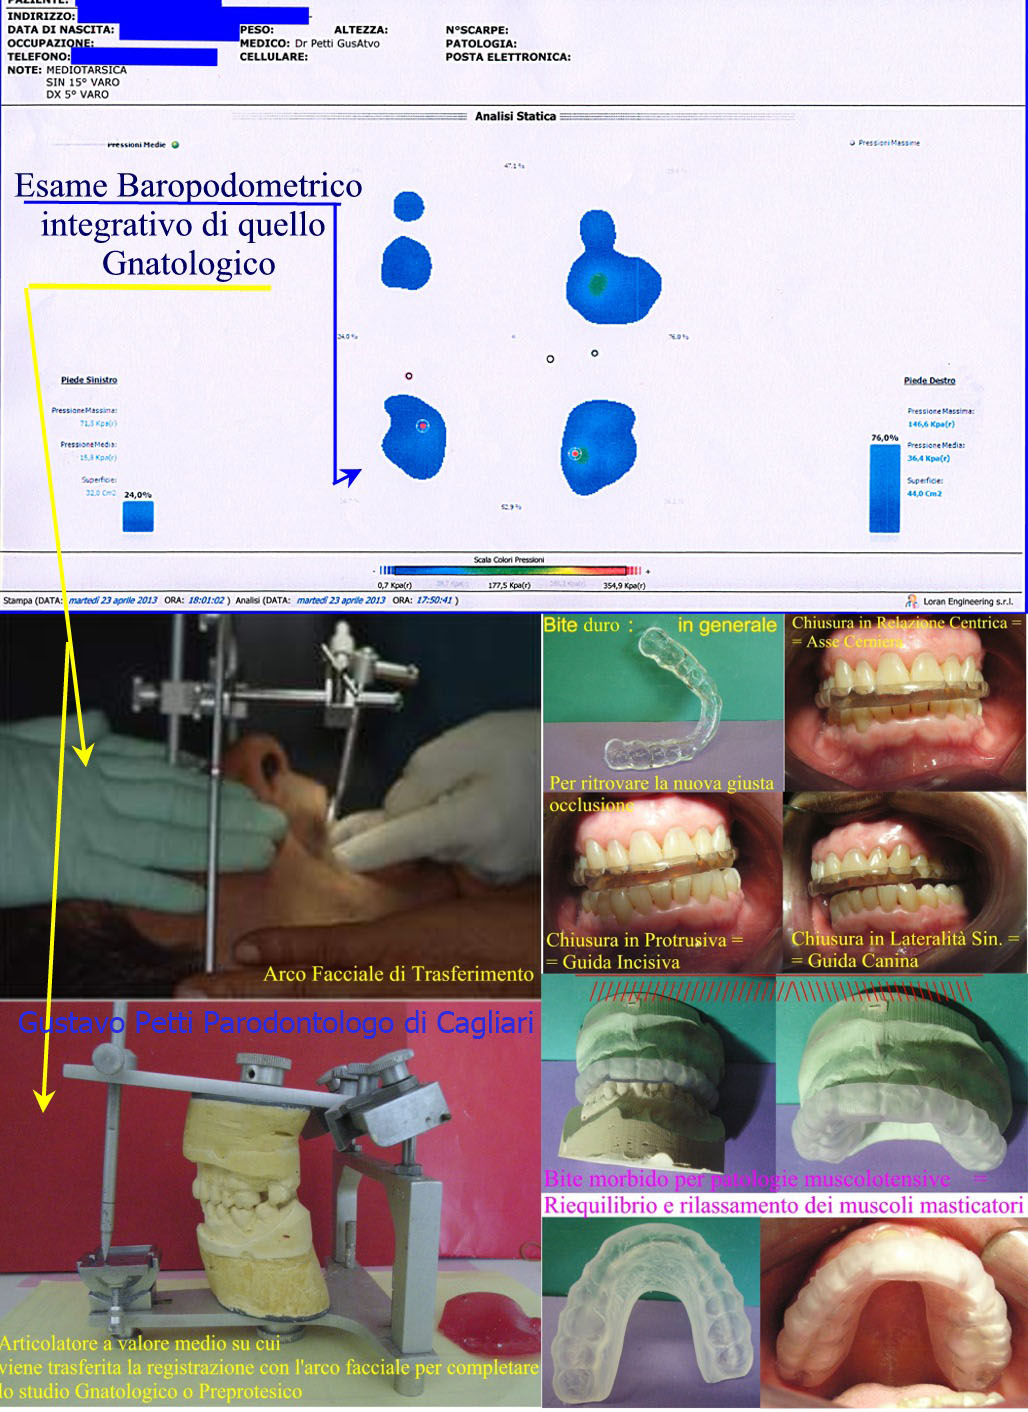 gnatologia-dr-g.petti-cagliari-18.jpg